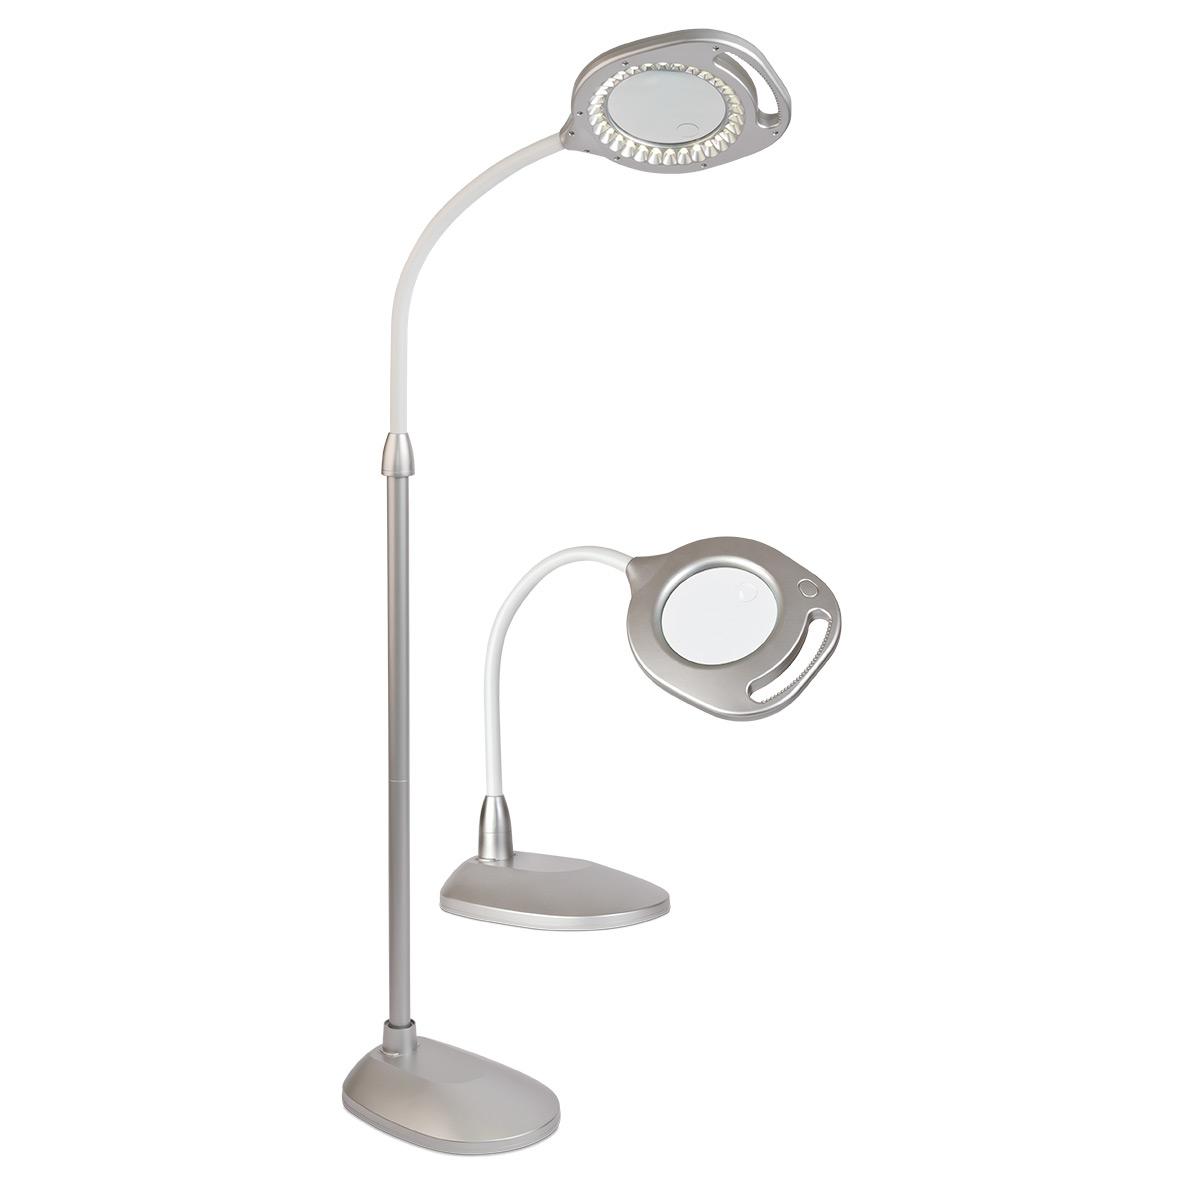 OttLite 2 In 1 LED Floor U0026 Table Light Options